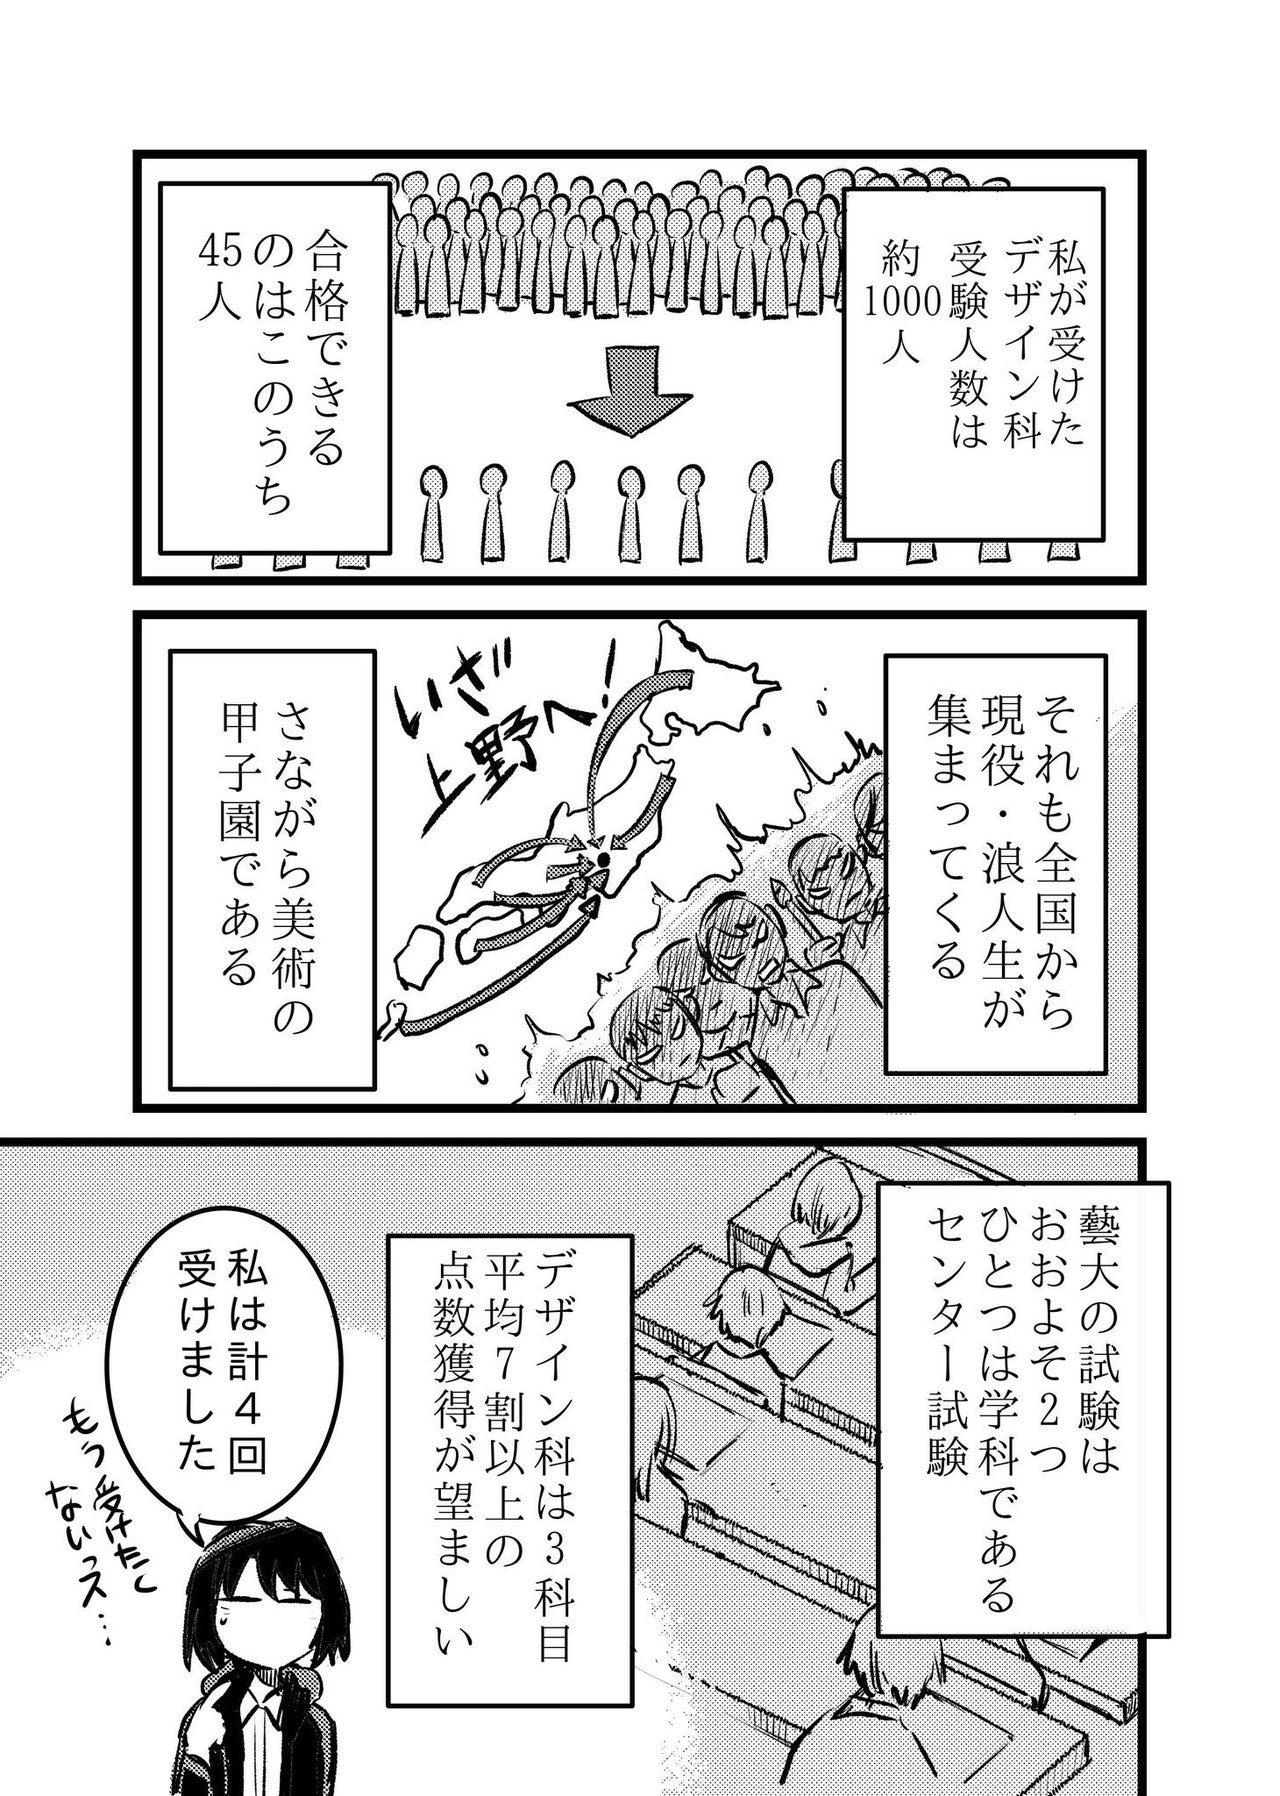 大学 東京 入試 藝術